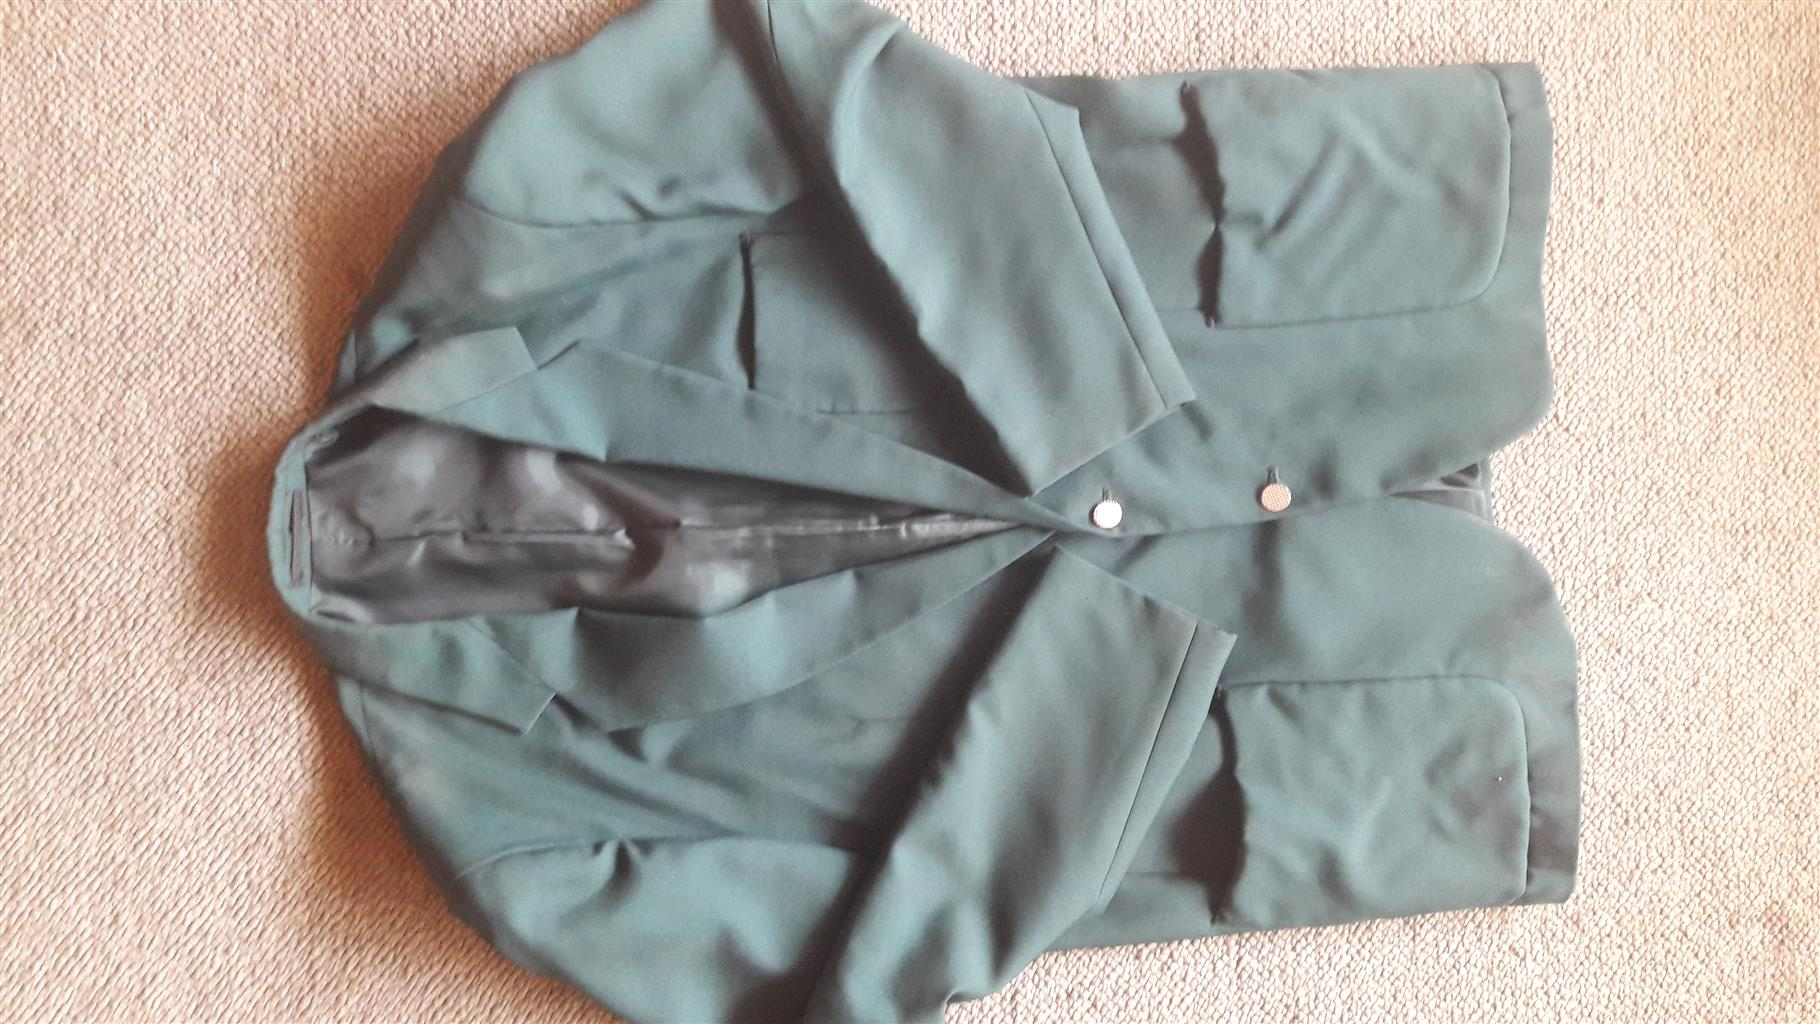 Hoërskool Wonderboom skoolklere/school uniforms